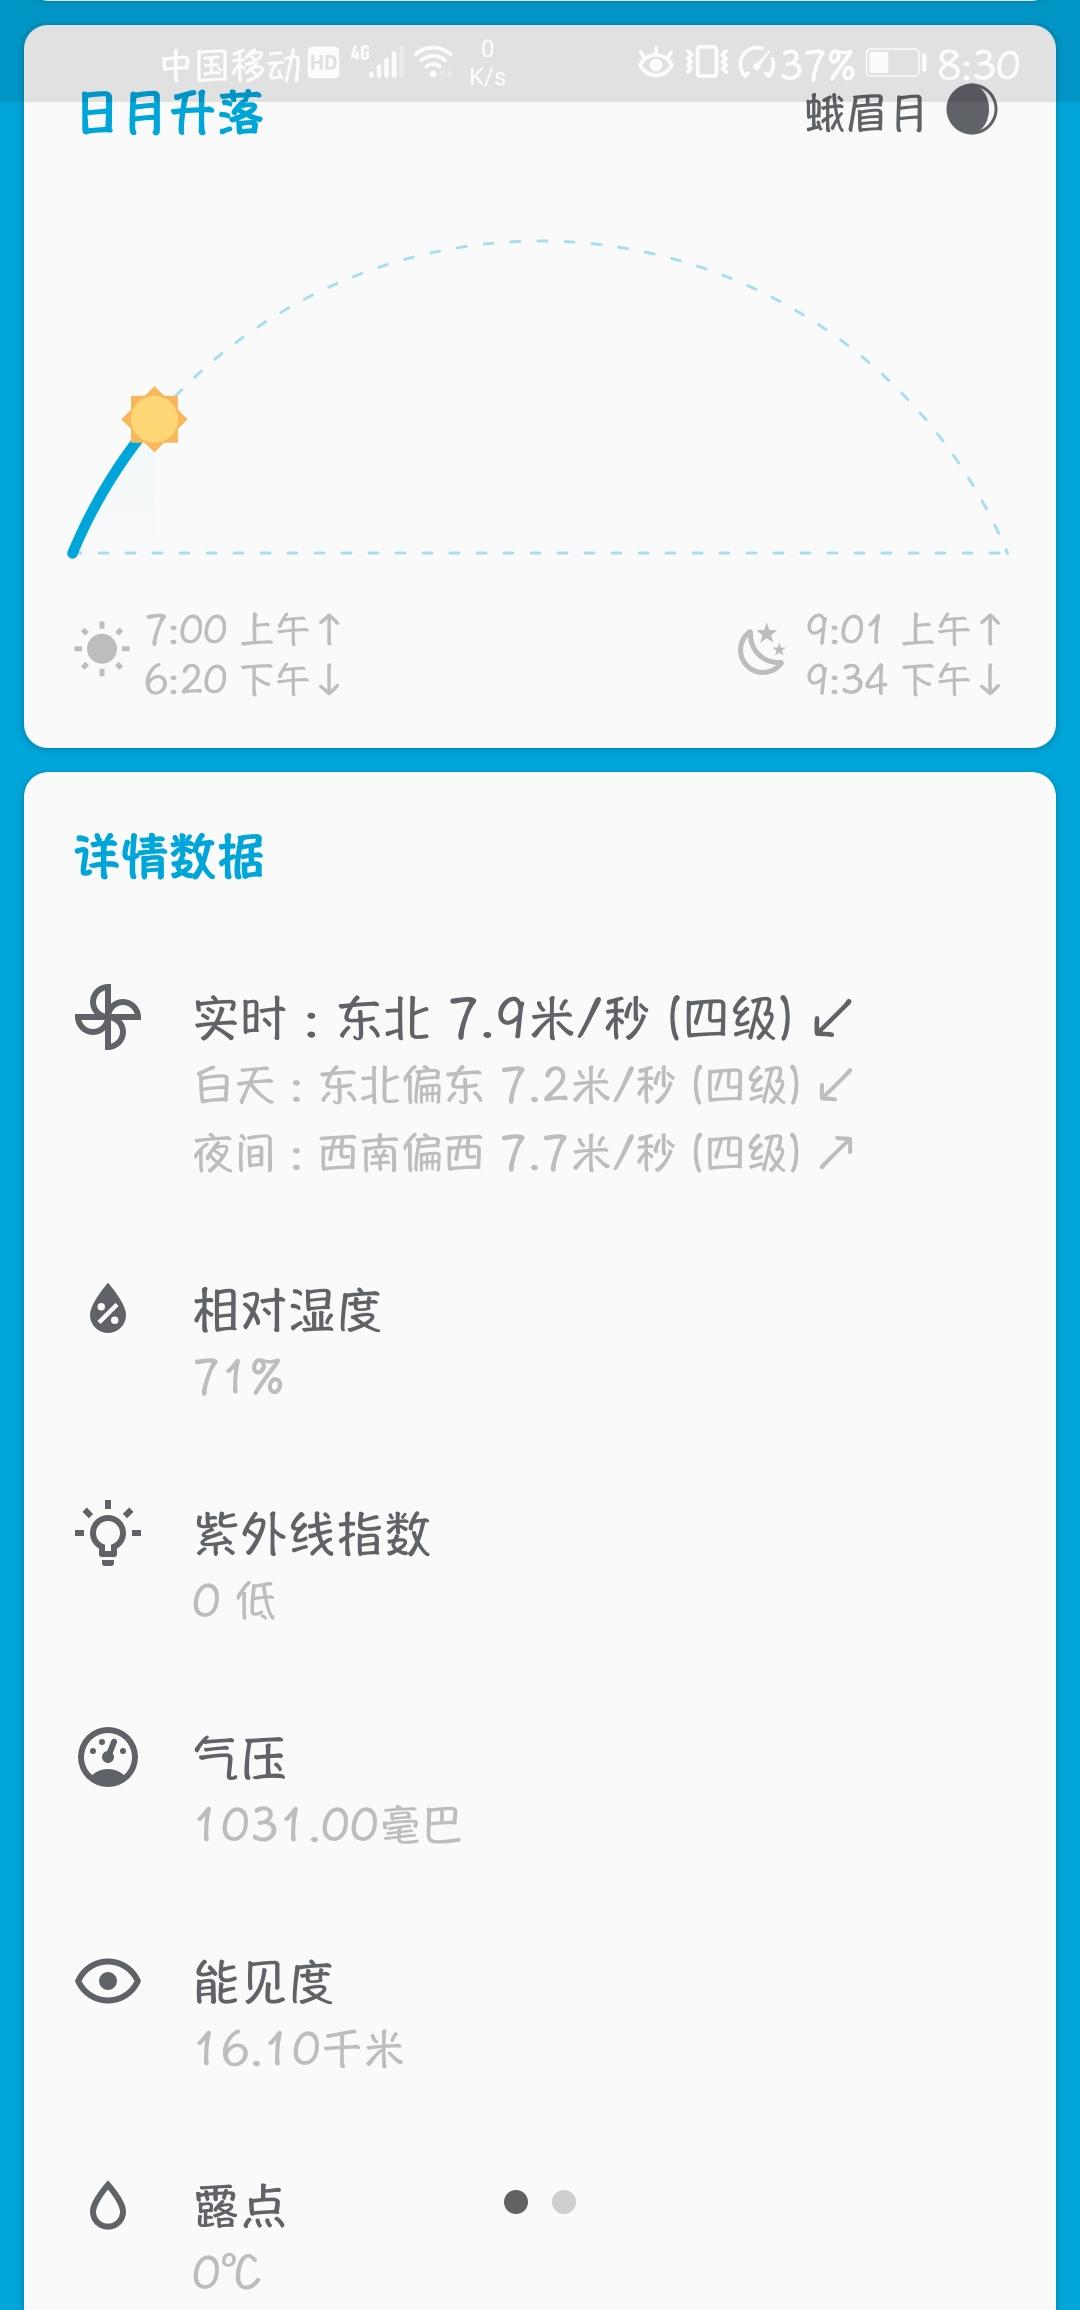 Screenshot_20200227_083055_wangdaye.com.geometricweather.jpg